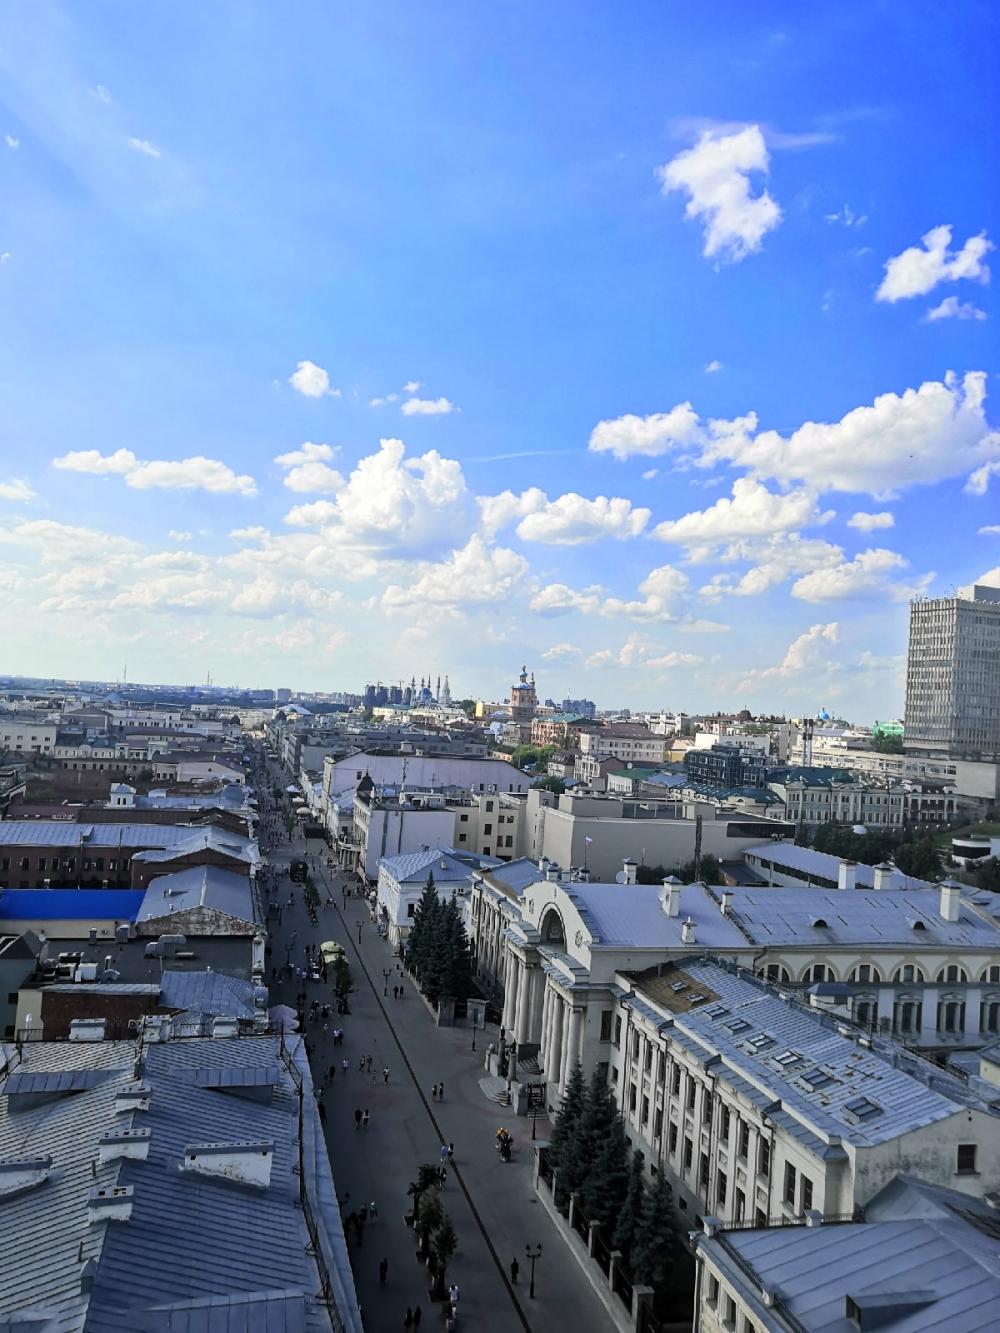 Фото сделано со смотровой площадки колокольни Богоявленского собора на улице Баумана.